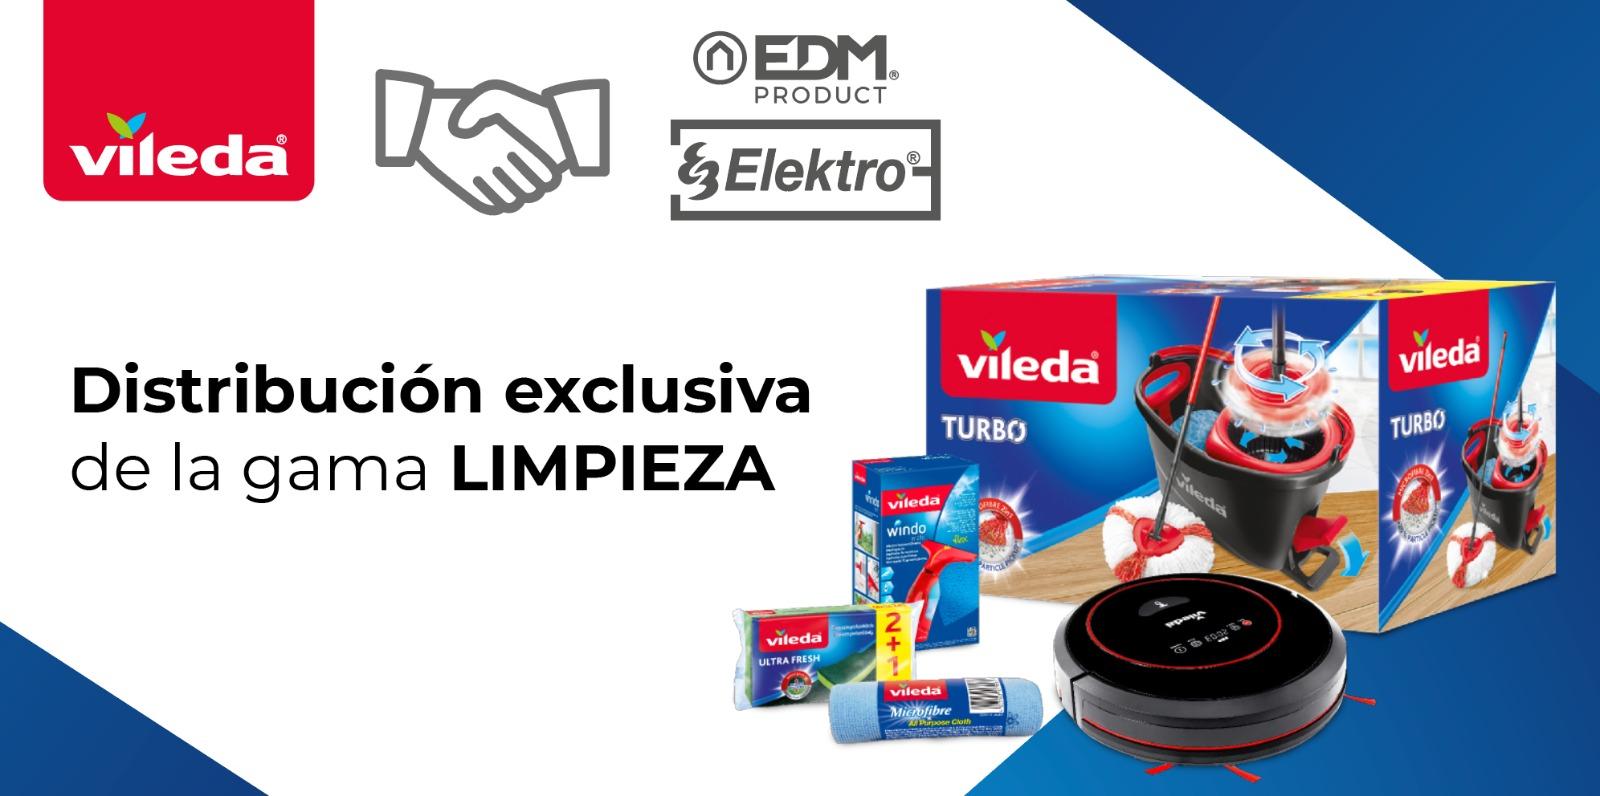 Elektro3-EDM único distribuidor exclusivo de Vileda para el canal de ferretería y bricolaje